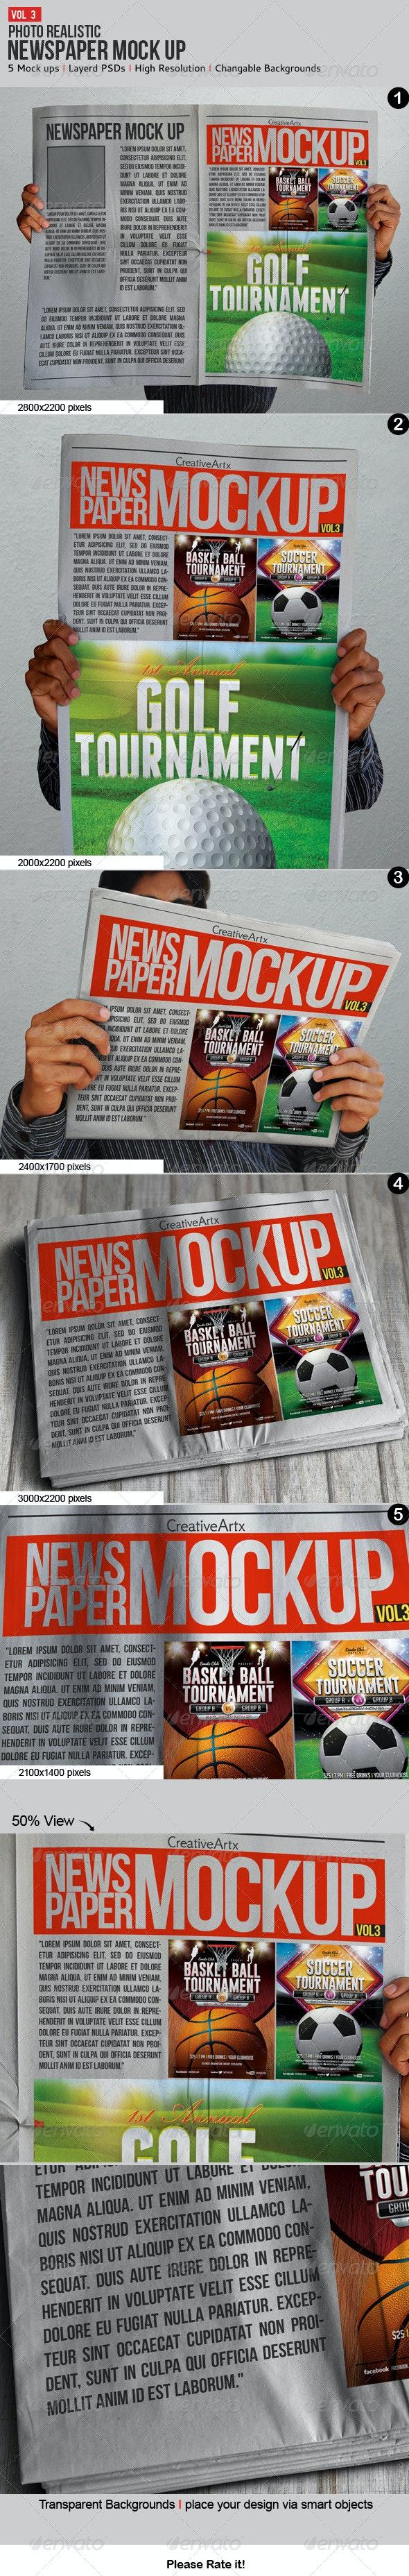 Newspaper / Newsletter Mock-Up - V.3 - Product Mock-Ups Graphics